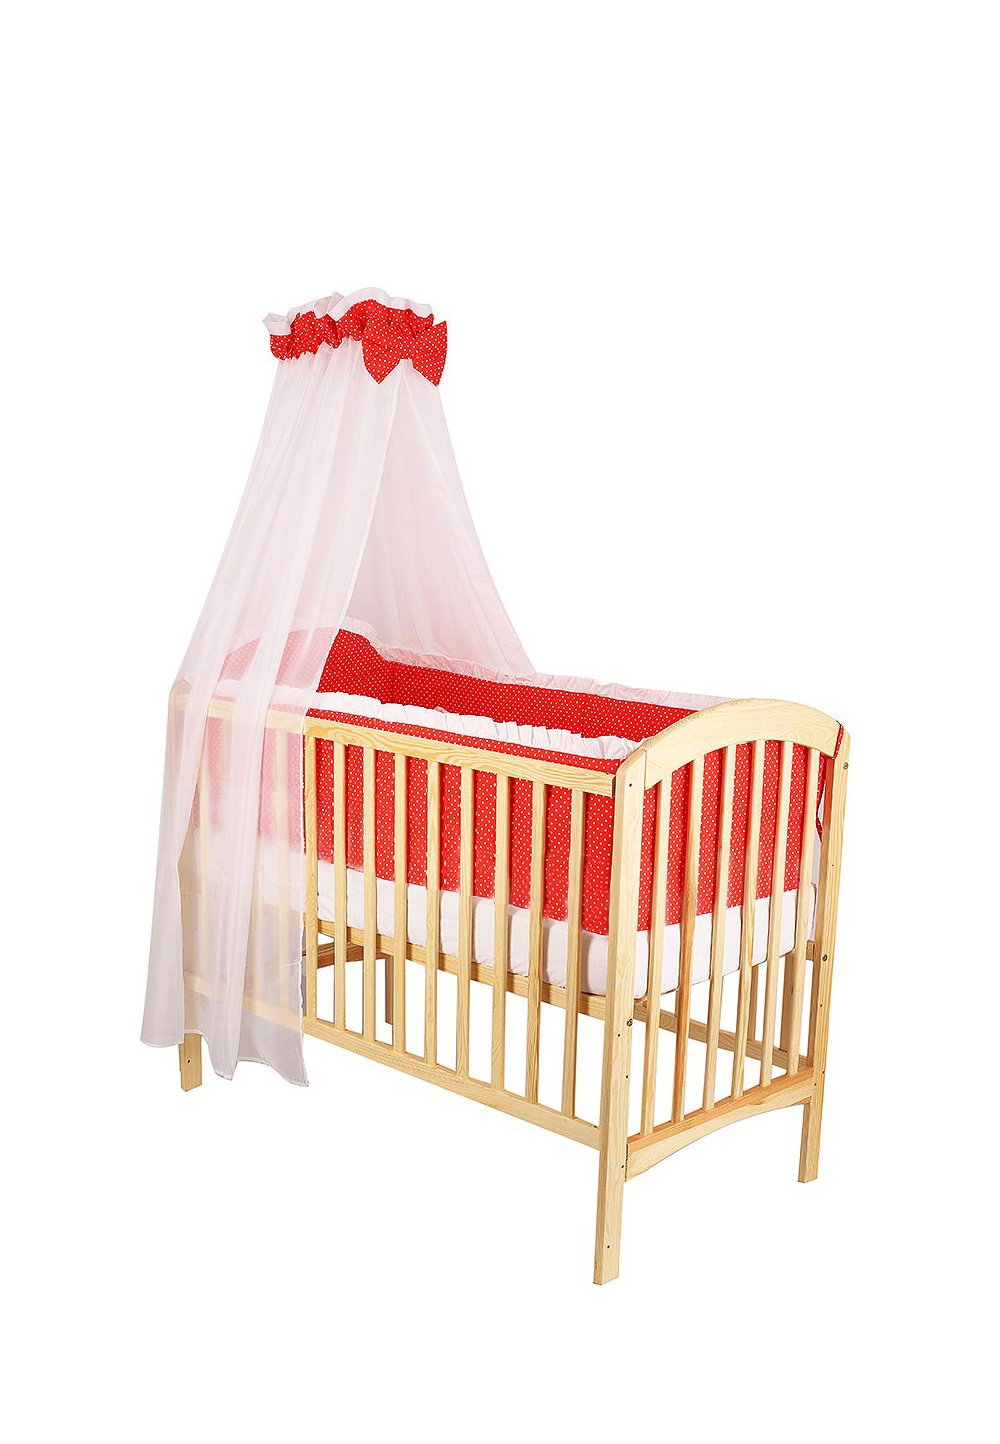 Lenjerie cu baldachin, 6 piese, rosu cu buline albe, 120x60 cm imagine